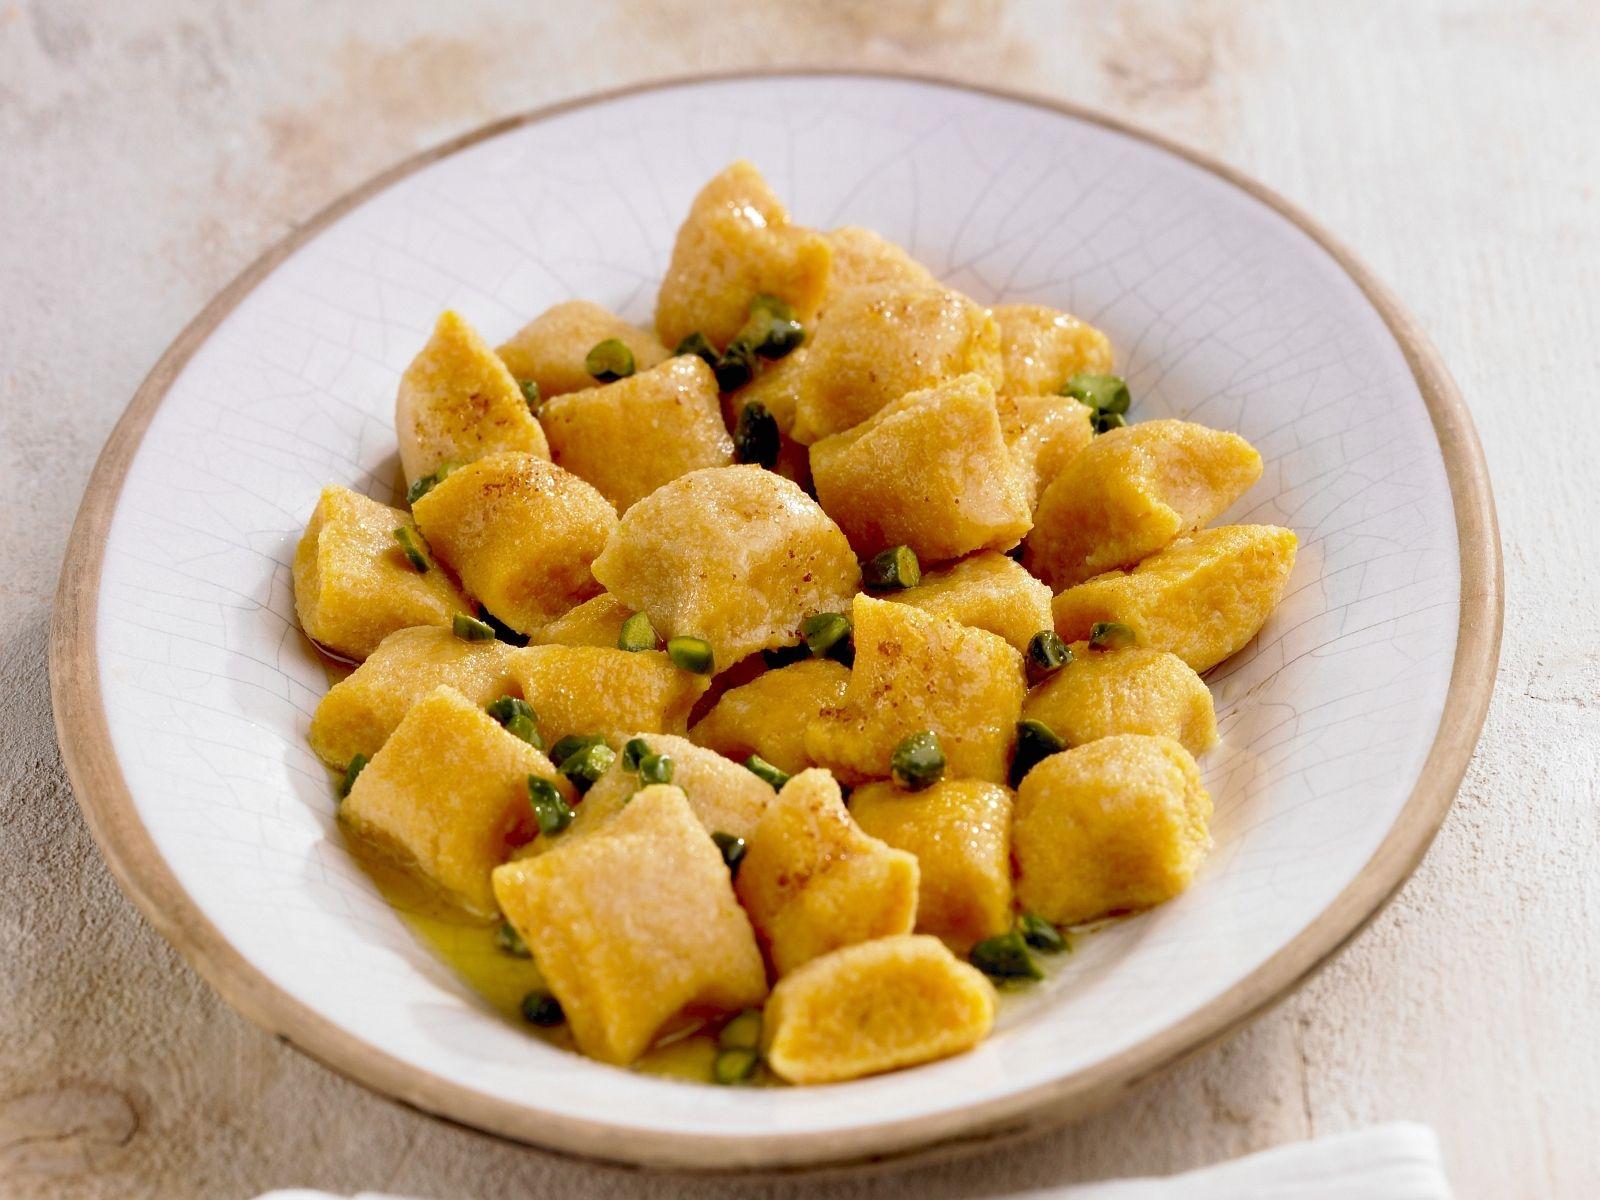 Gnocchi aus Süßkartoffeln mit Pistazien | http://eatsmarter.de/rezepte/gnocchi-aus-suesskartoffeln-mit-pistazien